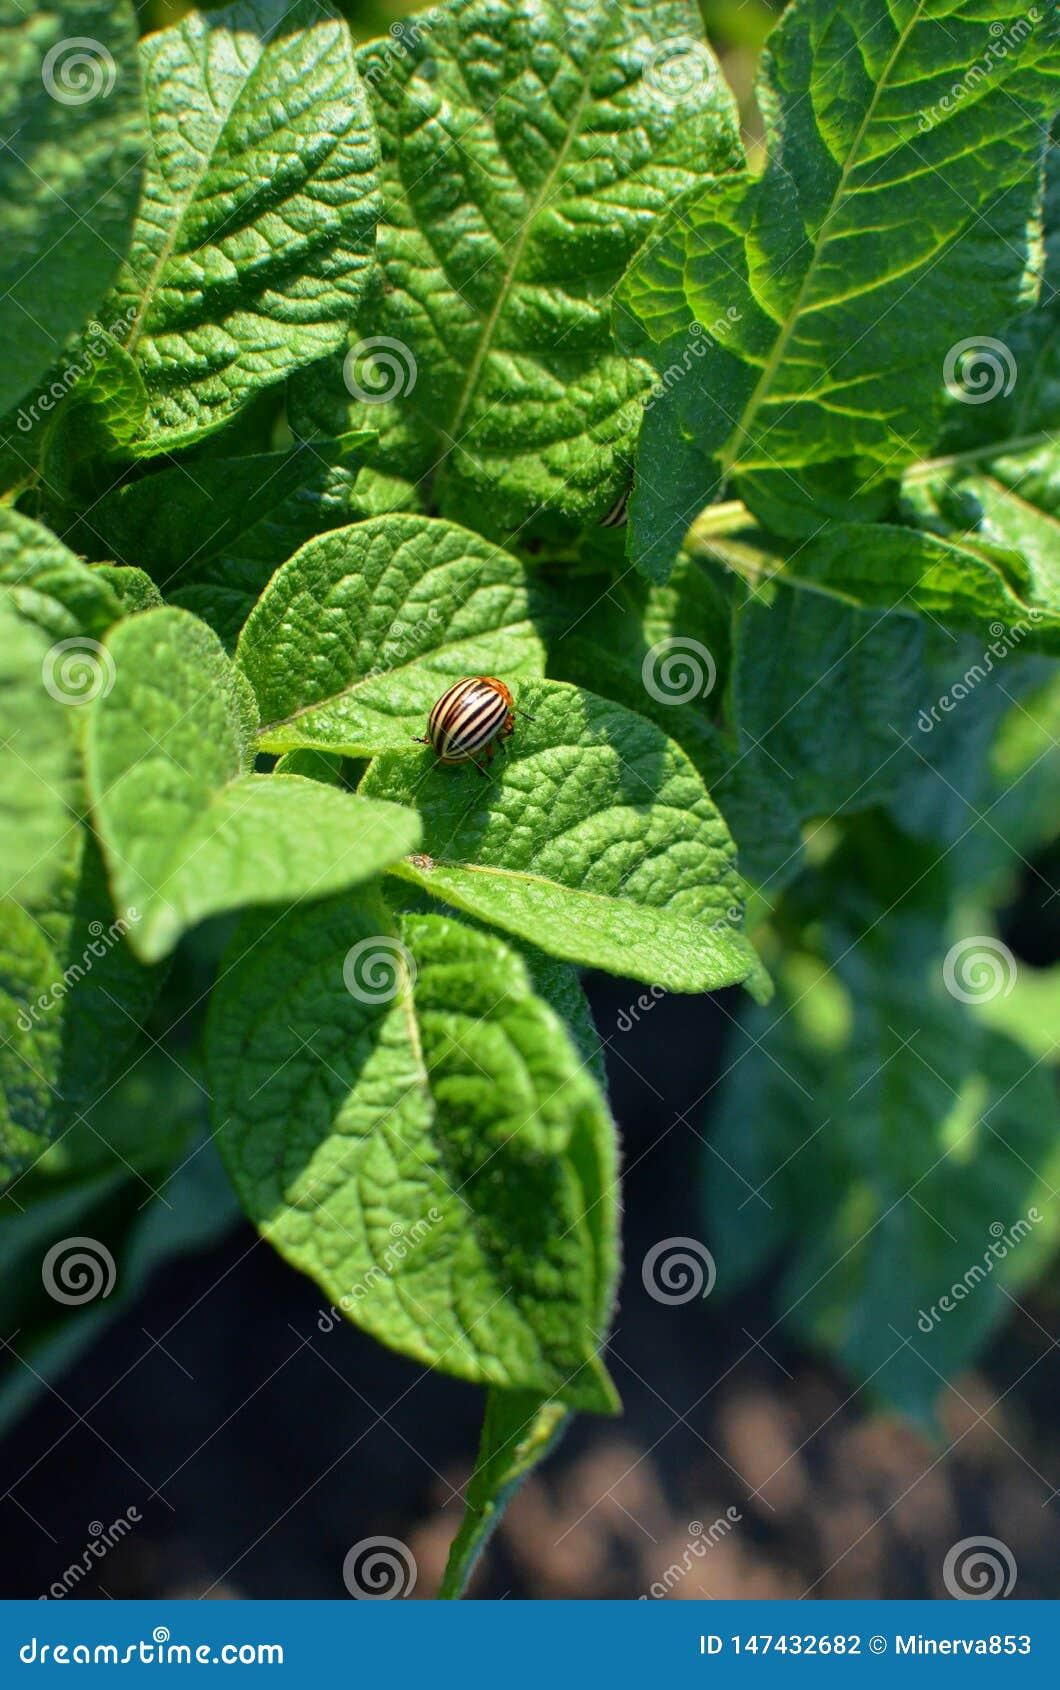 科罗拉多薯虫吃绿色叶子